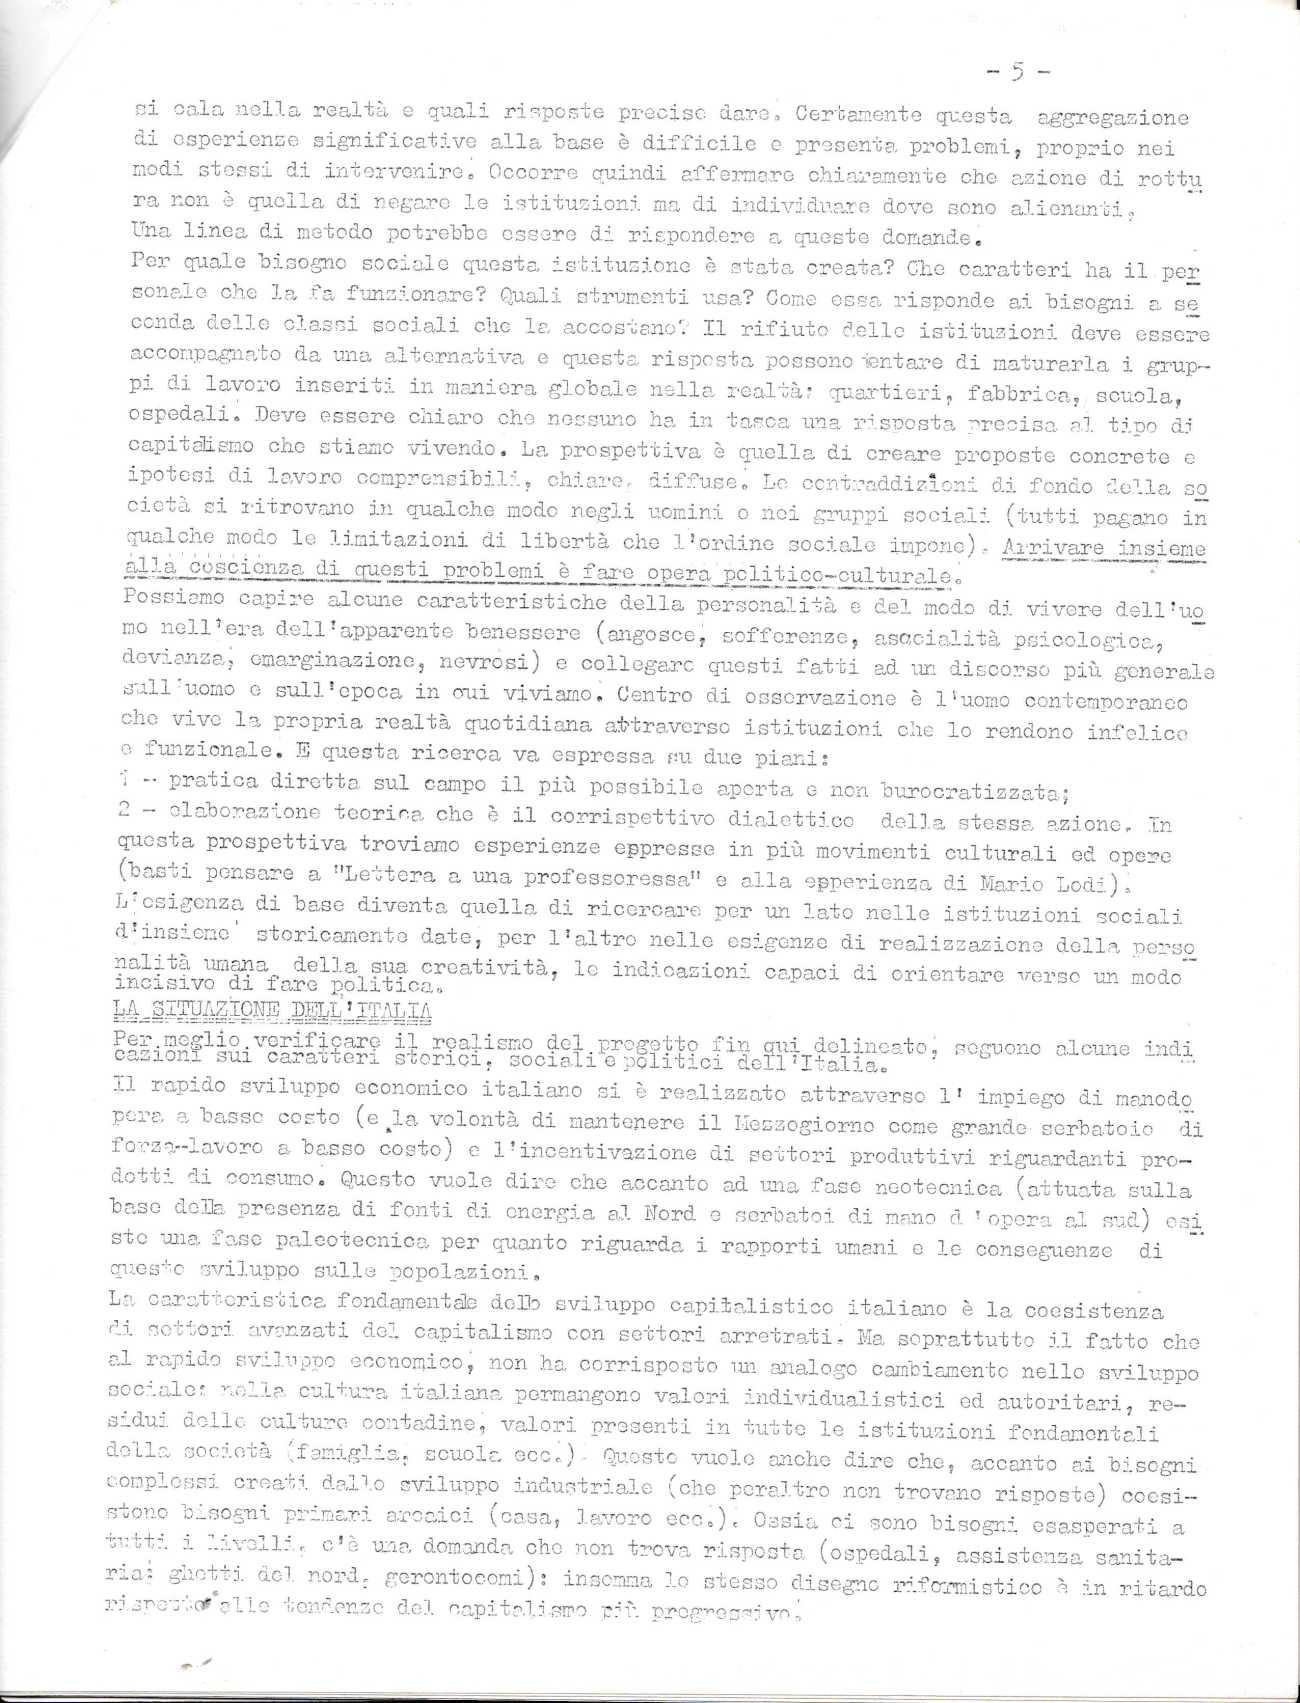 P FERRARIO ENSISS 19723371